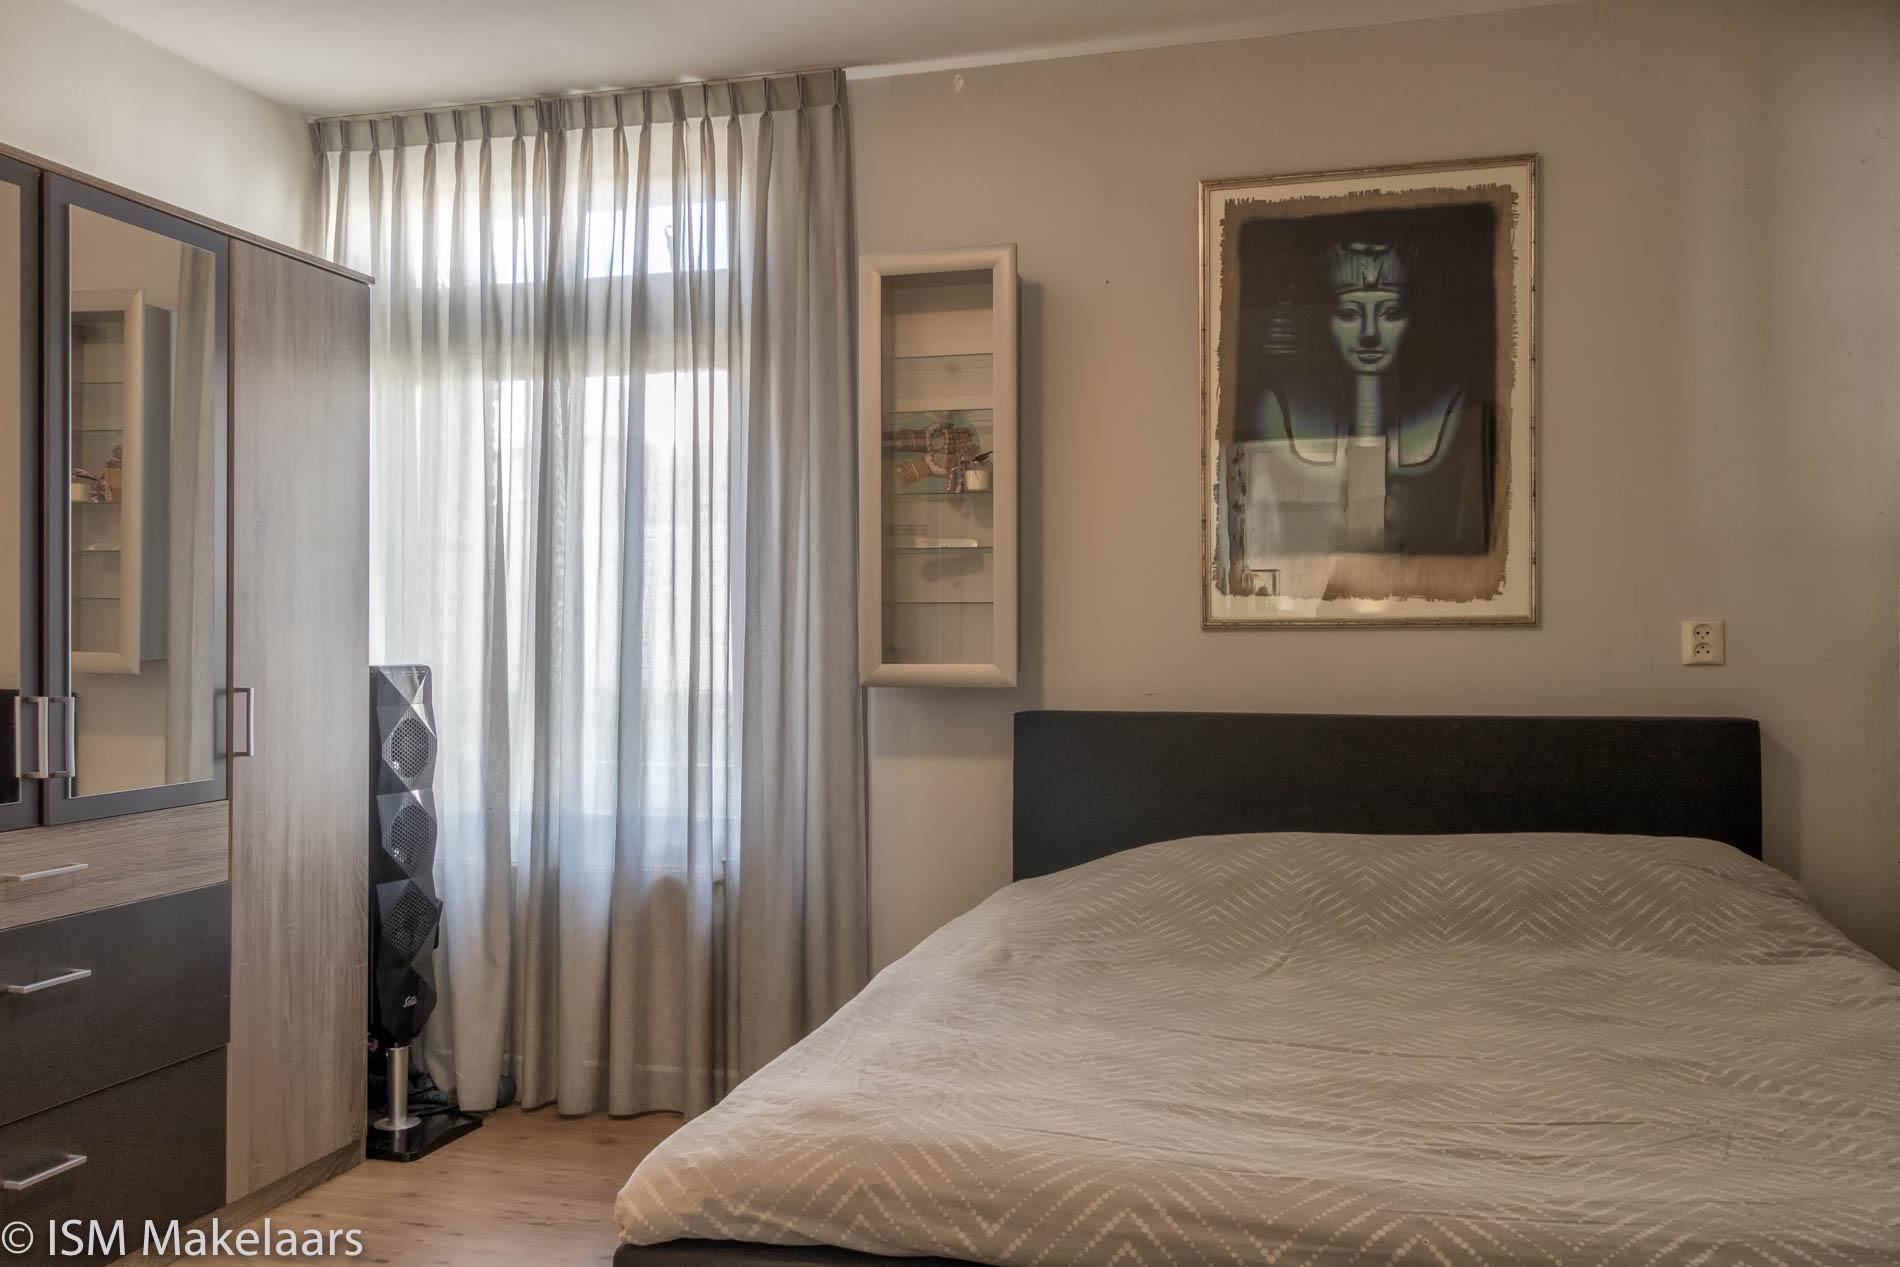 slaapkamer de spinne 6 goes ISM Makelaars